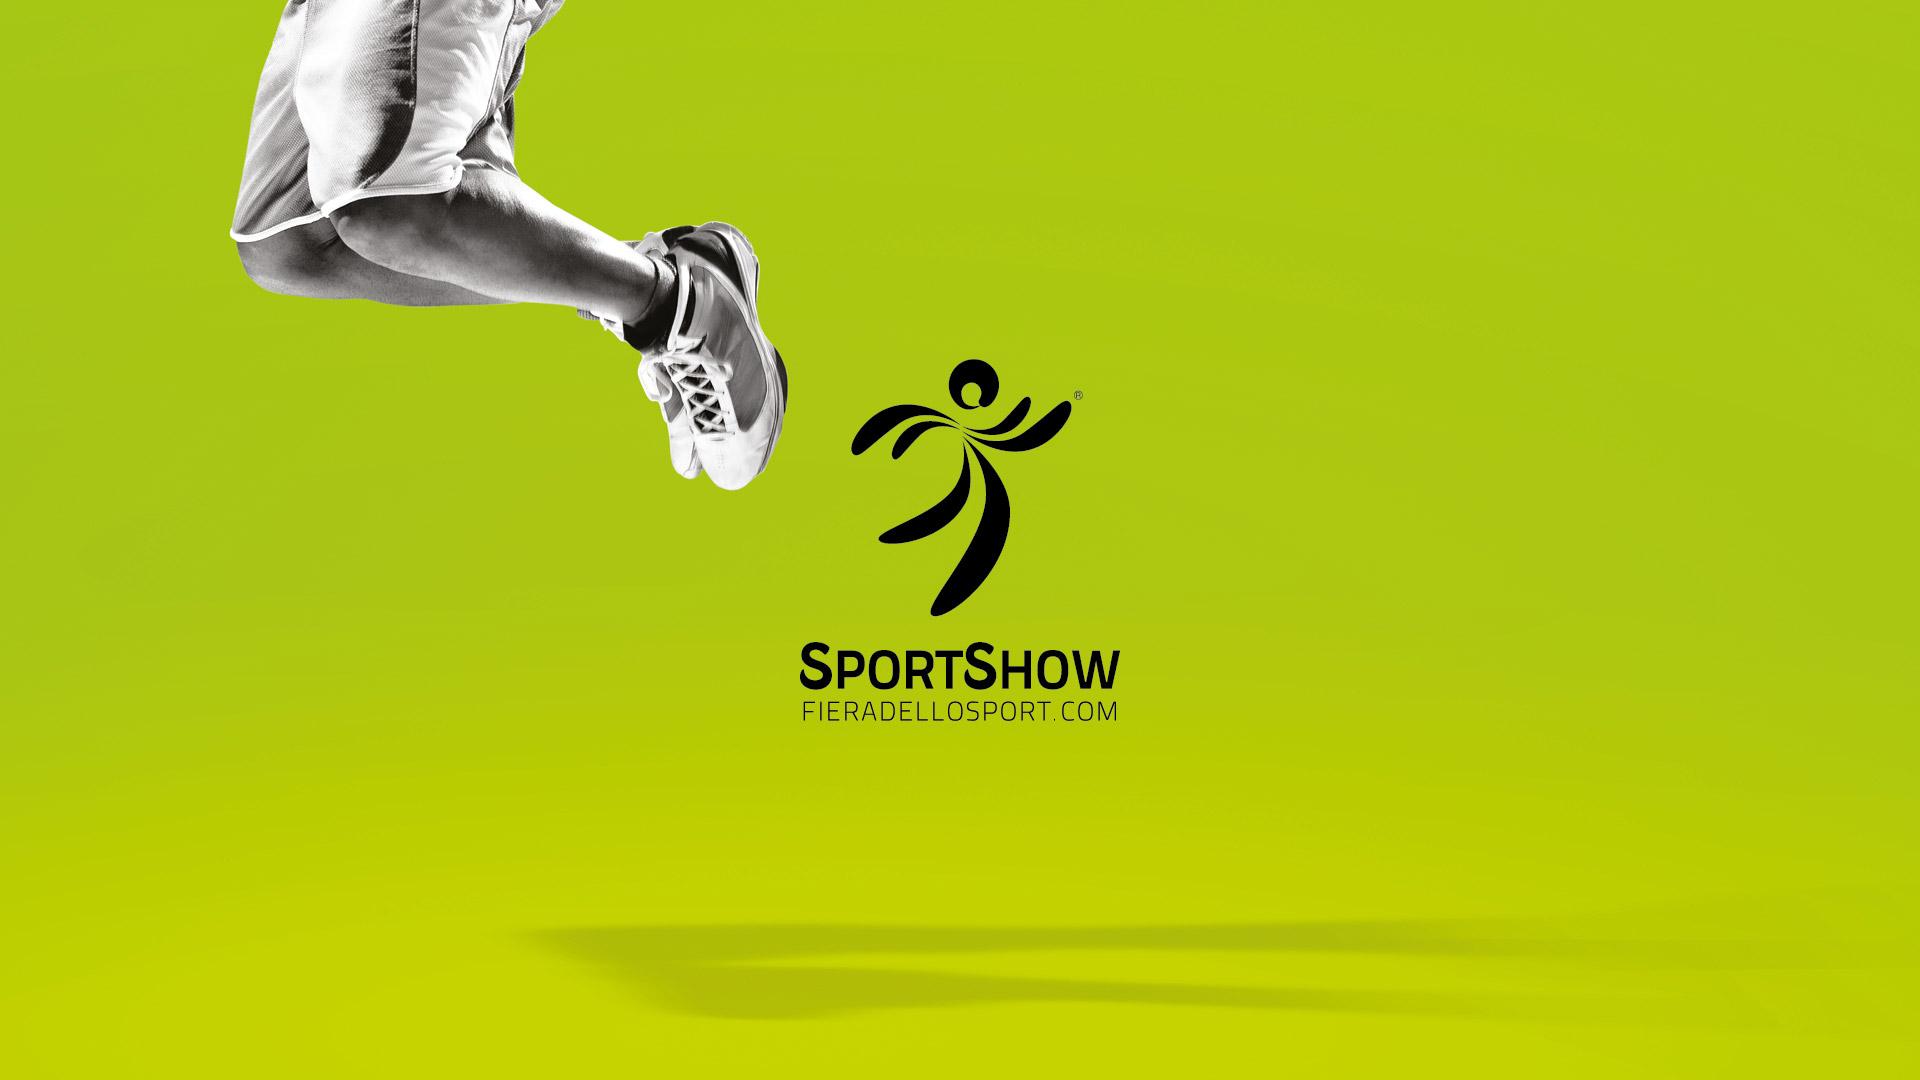 Sportshow